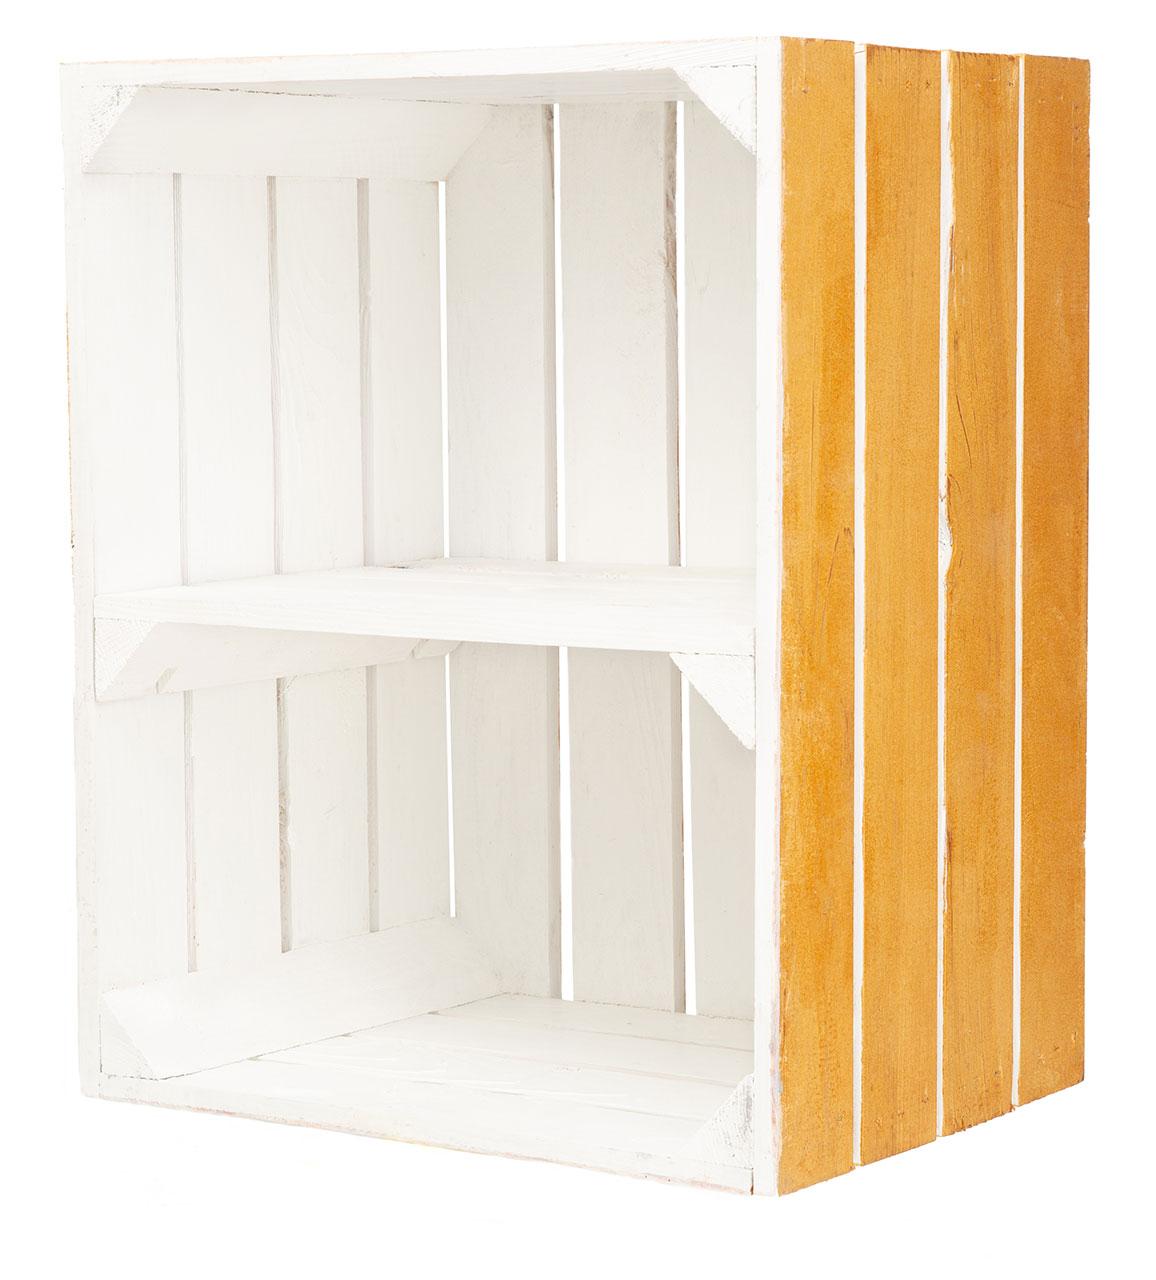 Holzkiste mit Mittelbrett außen holzfarben innen weiß 50x40x30cm